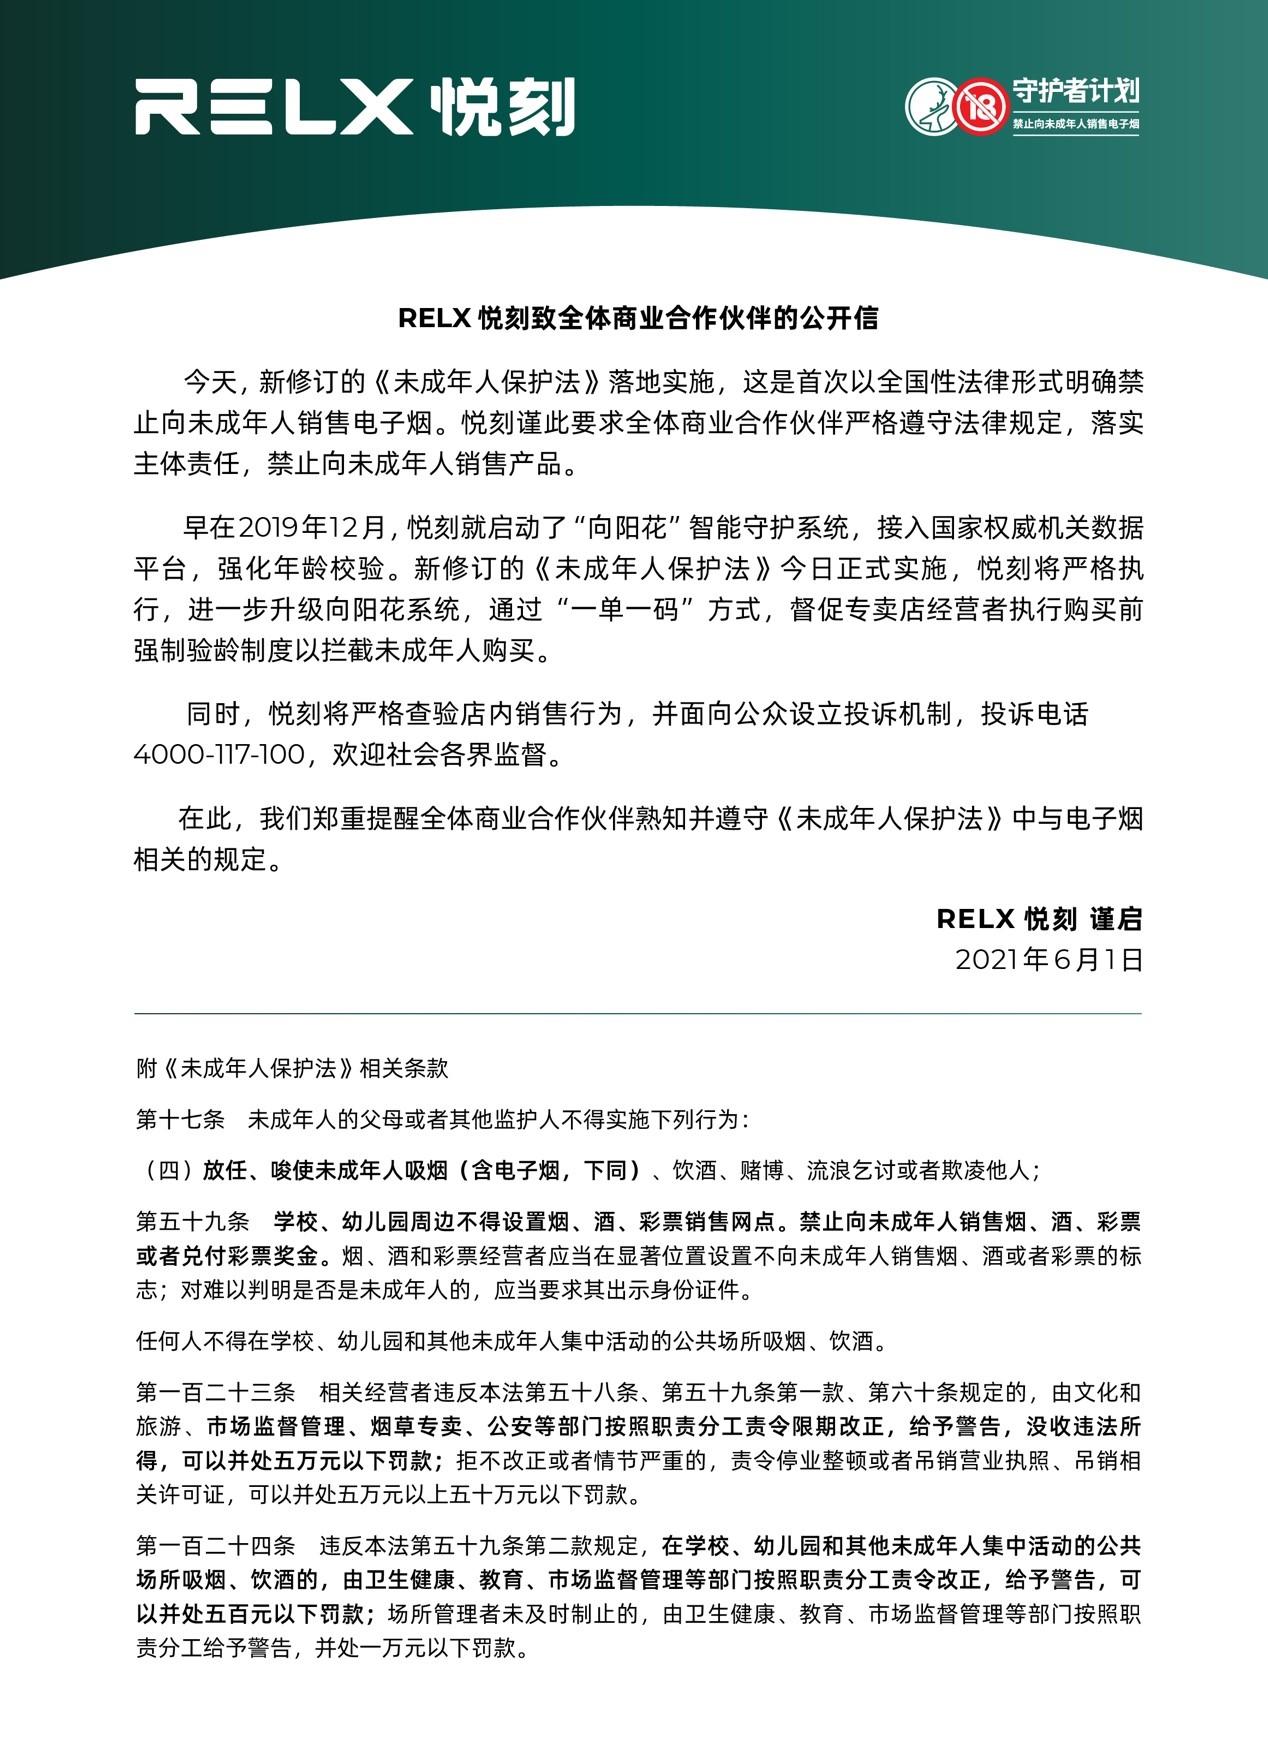 RELX悦刻公开信要求合作伙伴严守《未成年人保护法》,禁止向未成年人销售产品